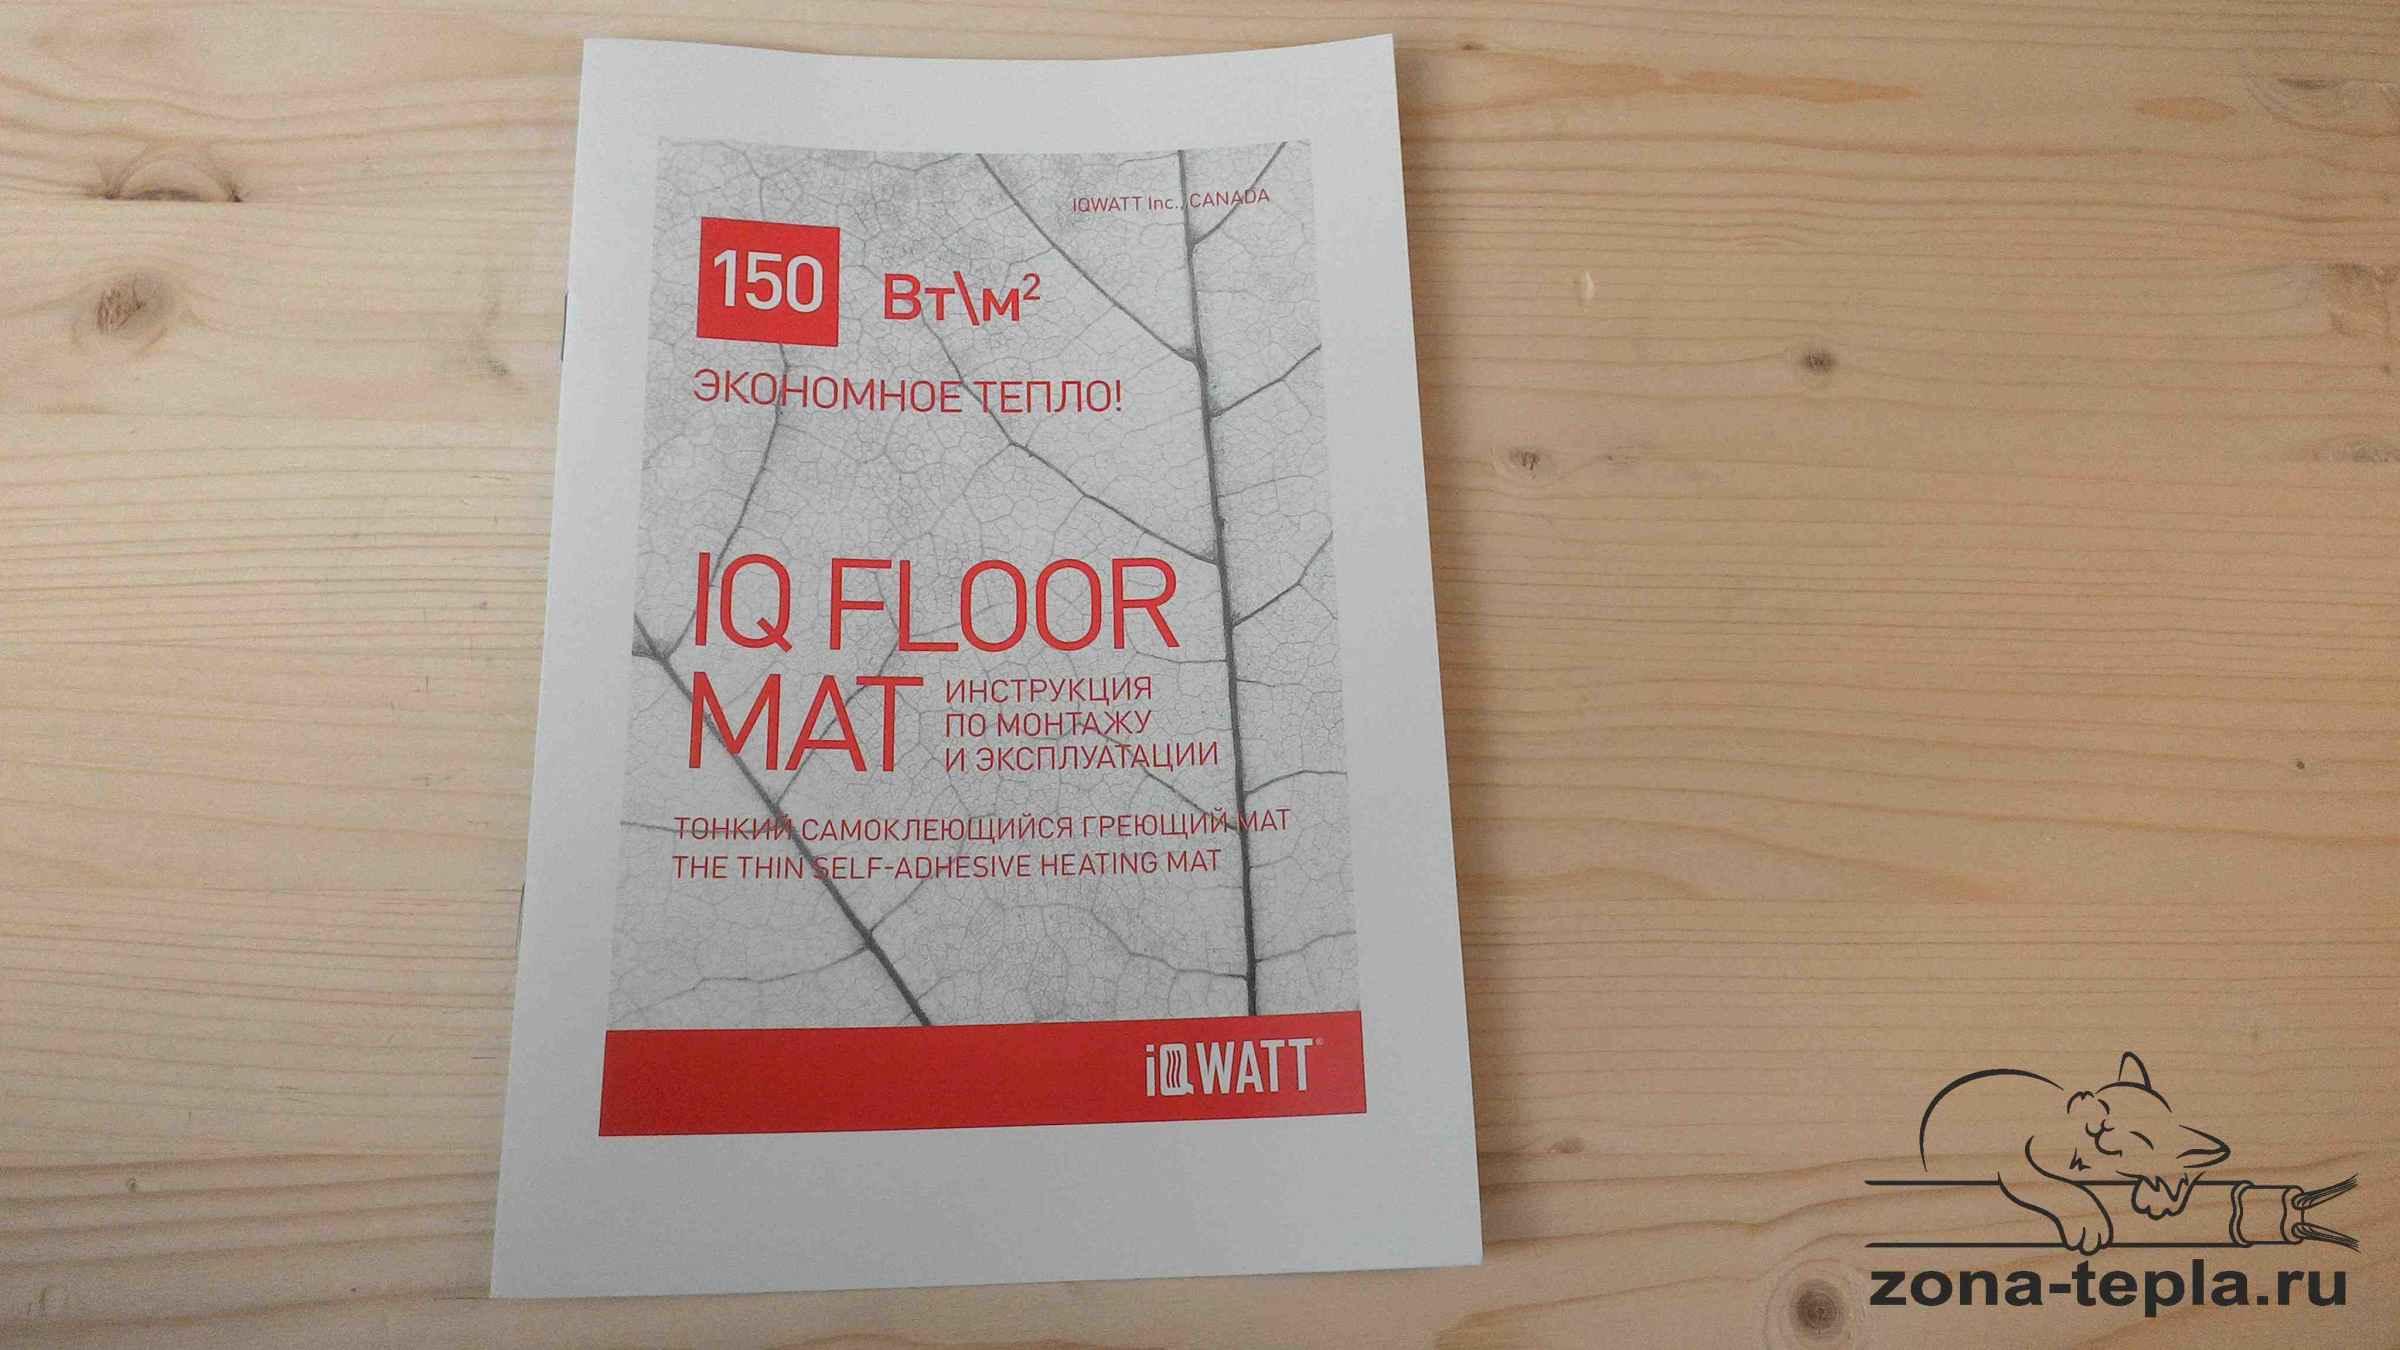 Теплый пол под плитку электрический iq watt floor mat инструкция1